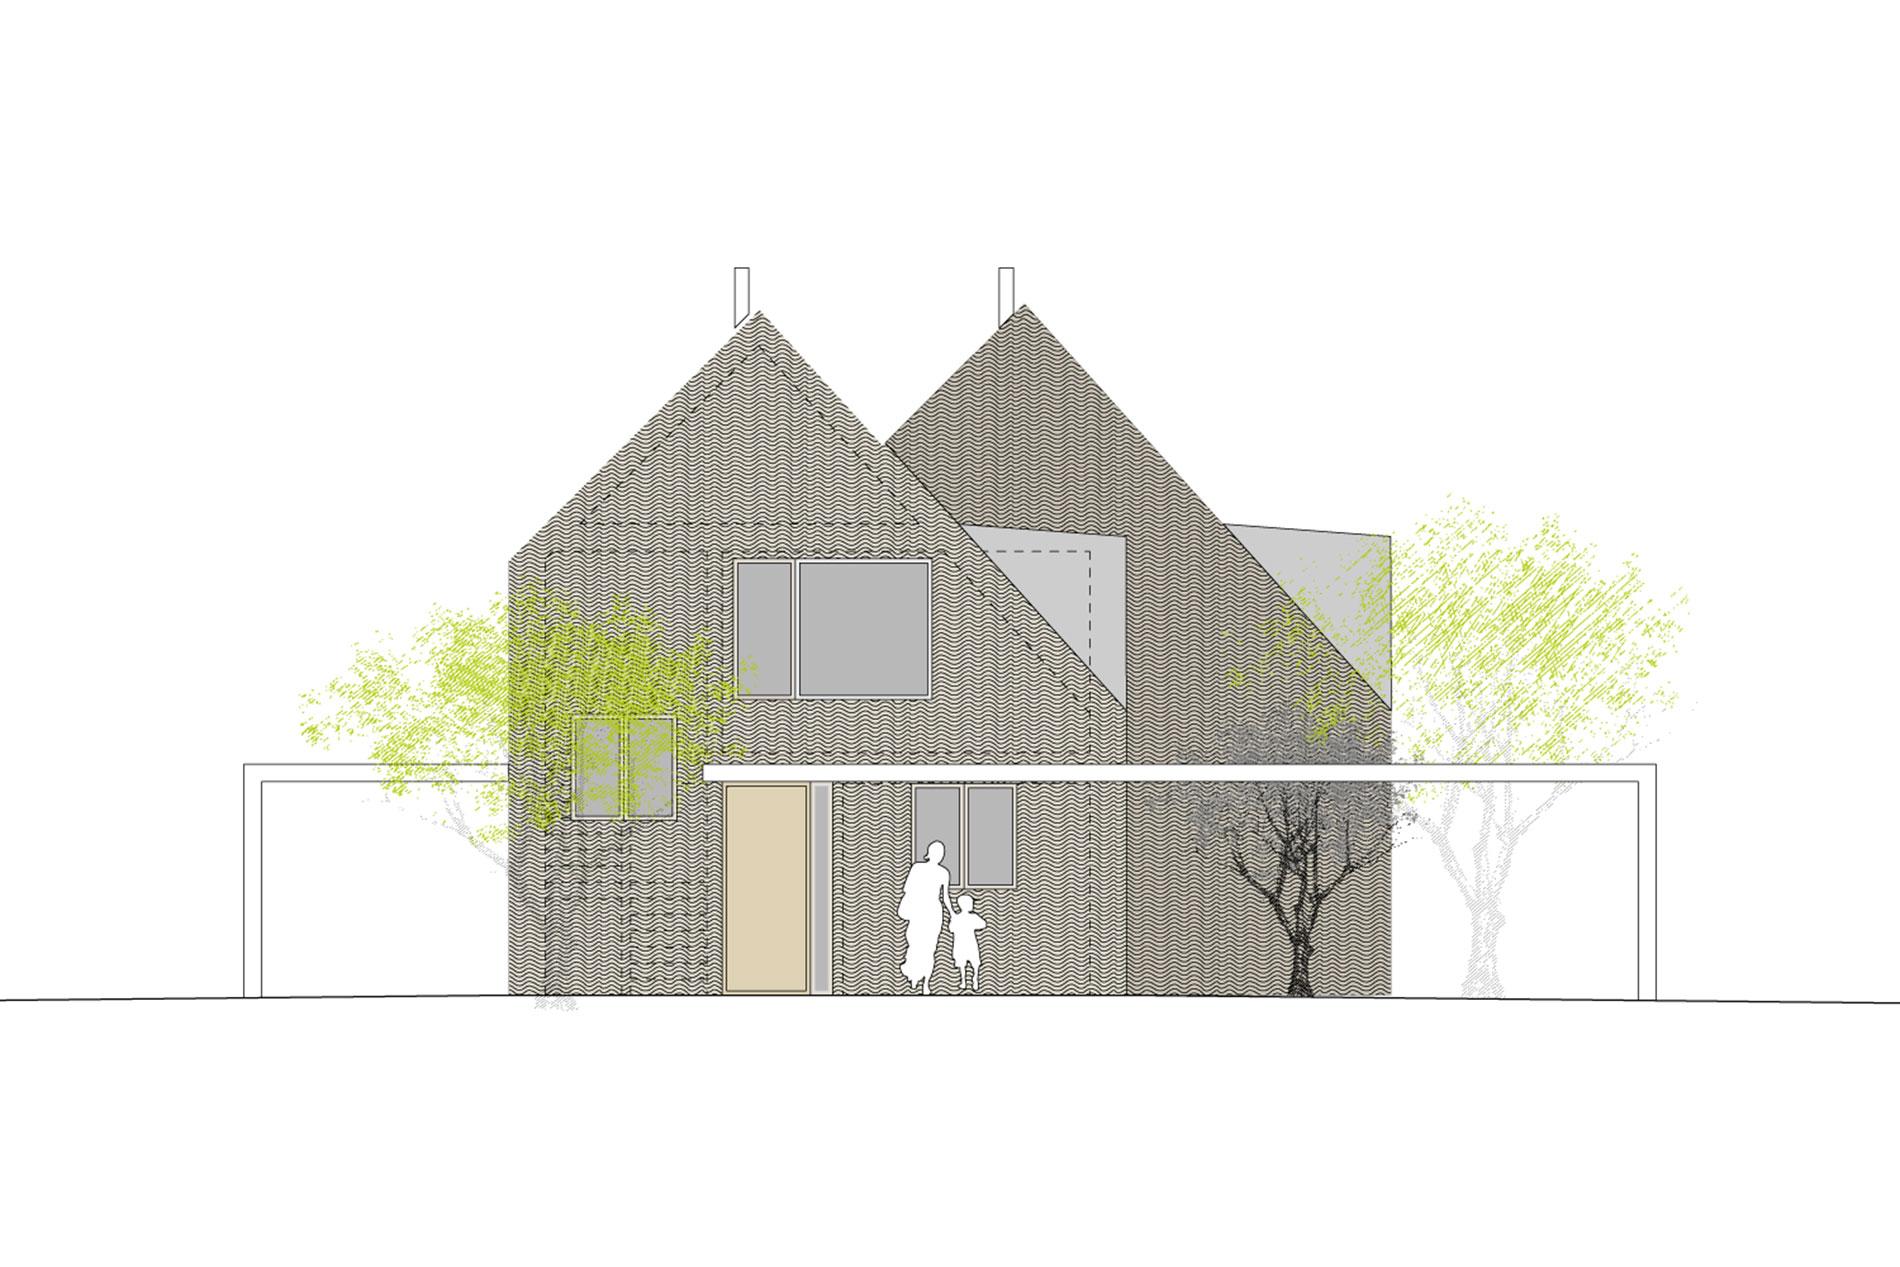 Architekt München Einfamilienhaus einfamilienhaus münchen 06 autharistr wollmann architekten